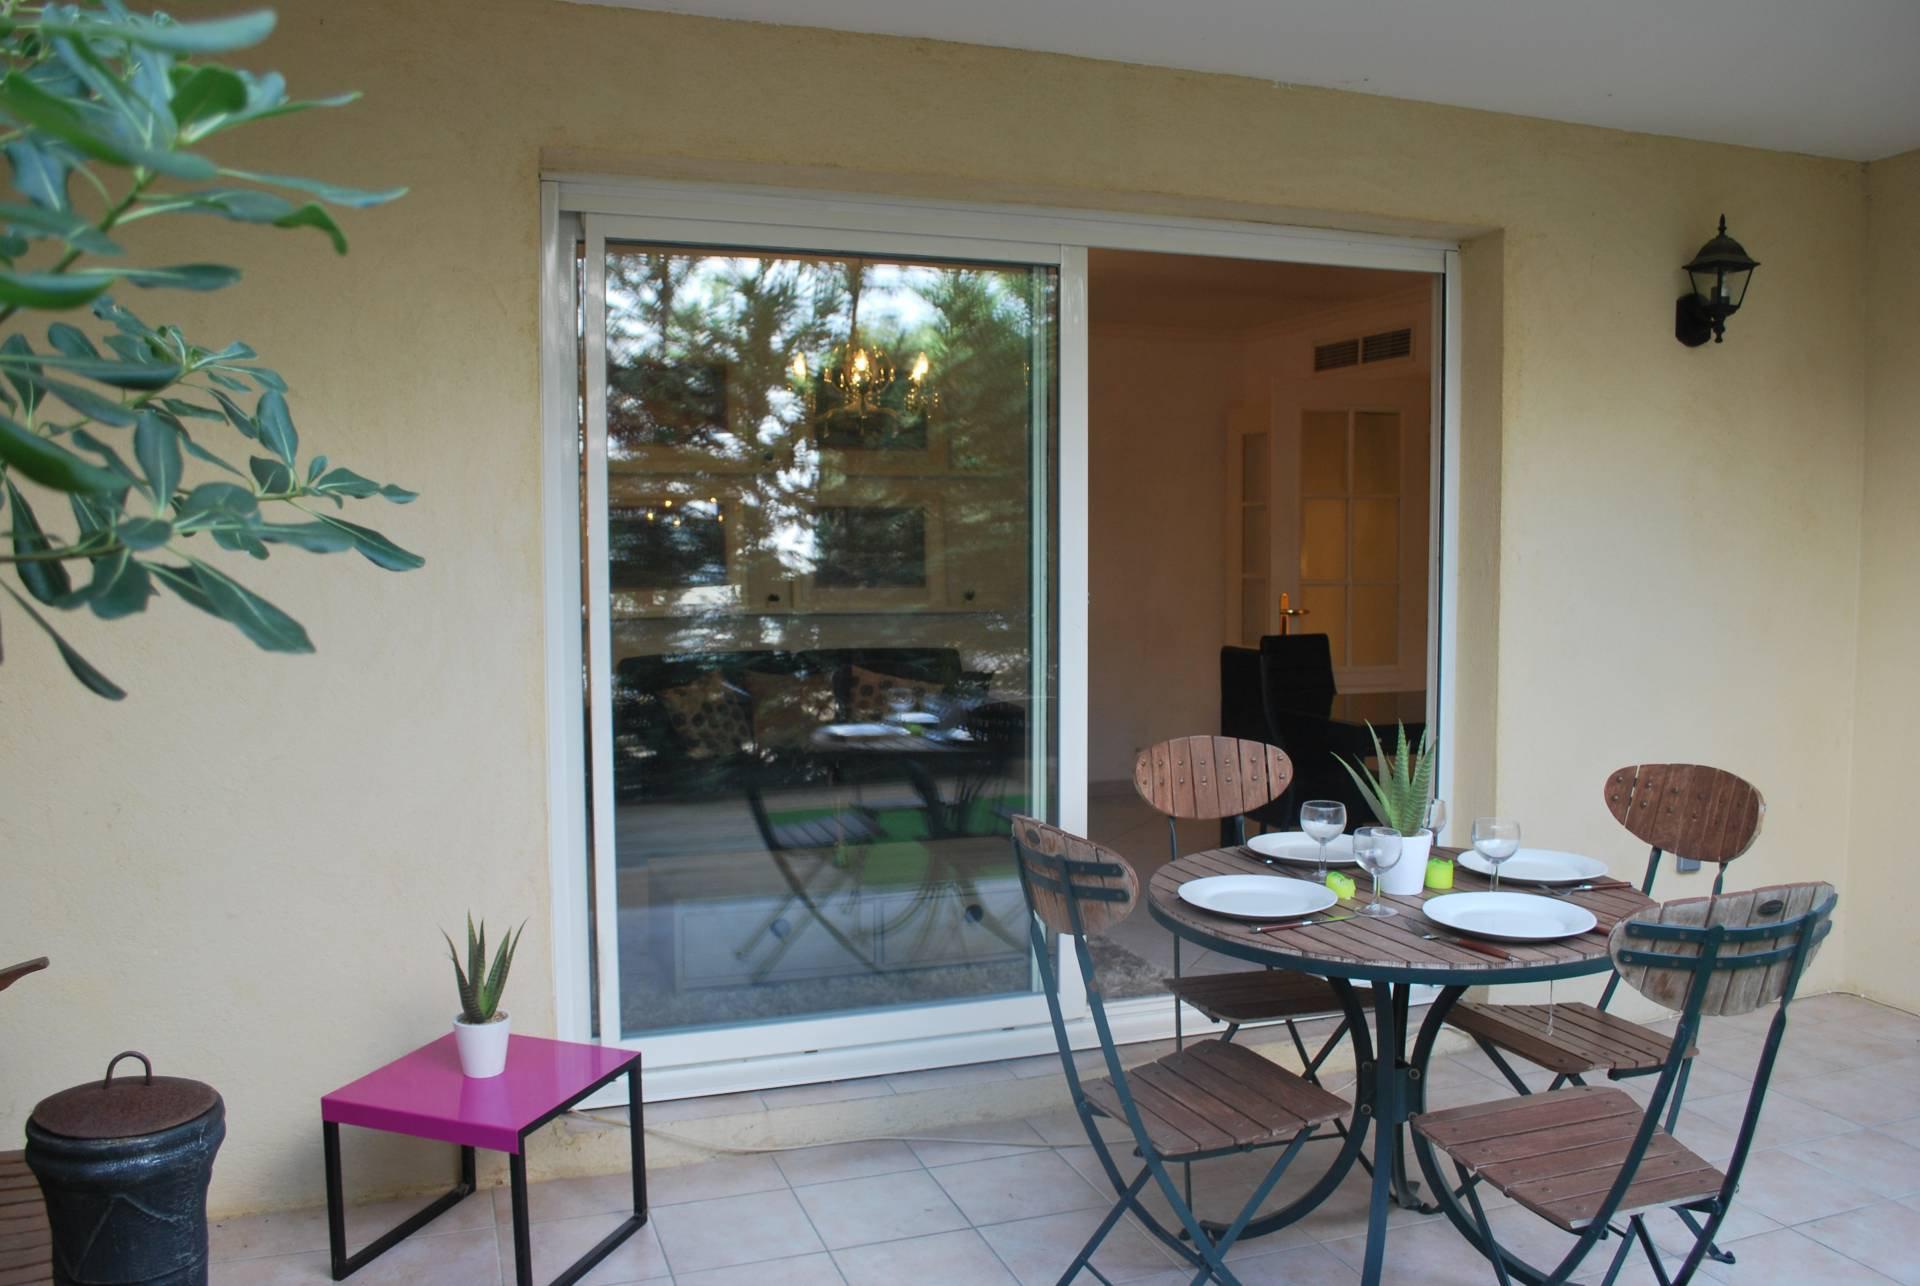 Valbonne : Super 1 bed garden apartment a few minutes walk to Valbonne village